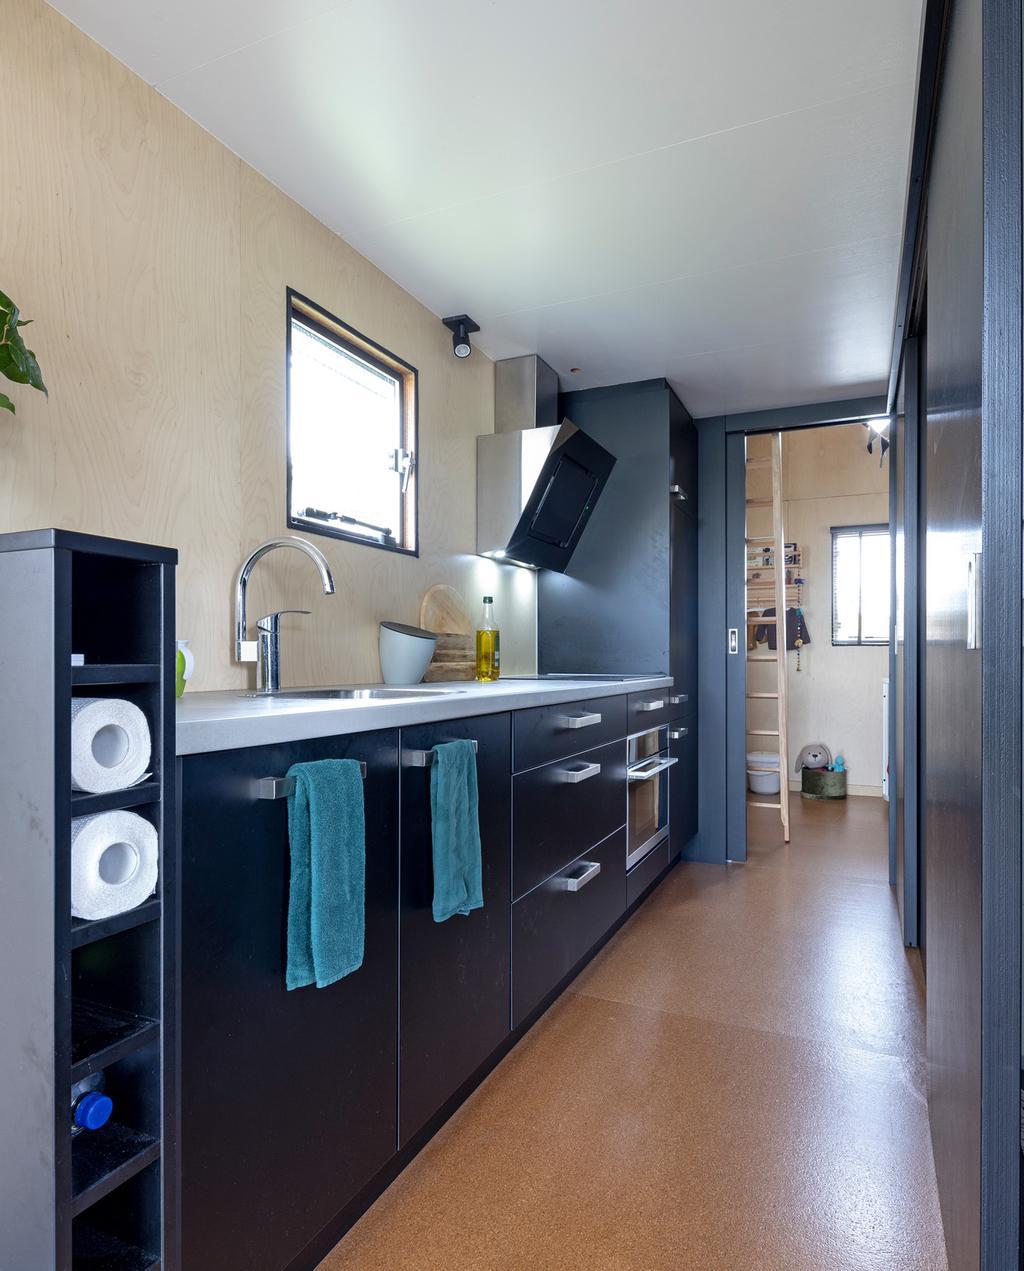 vtwonen special tiny houses | zwarte keuken zonder bovenkastjes met een zilvere kraan